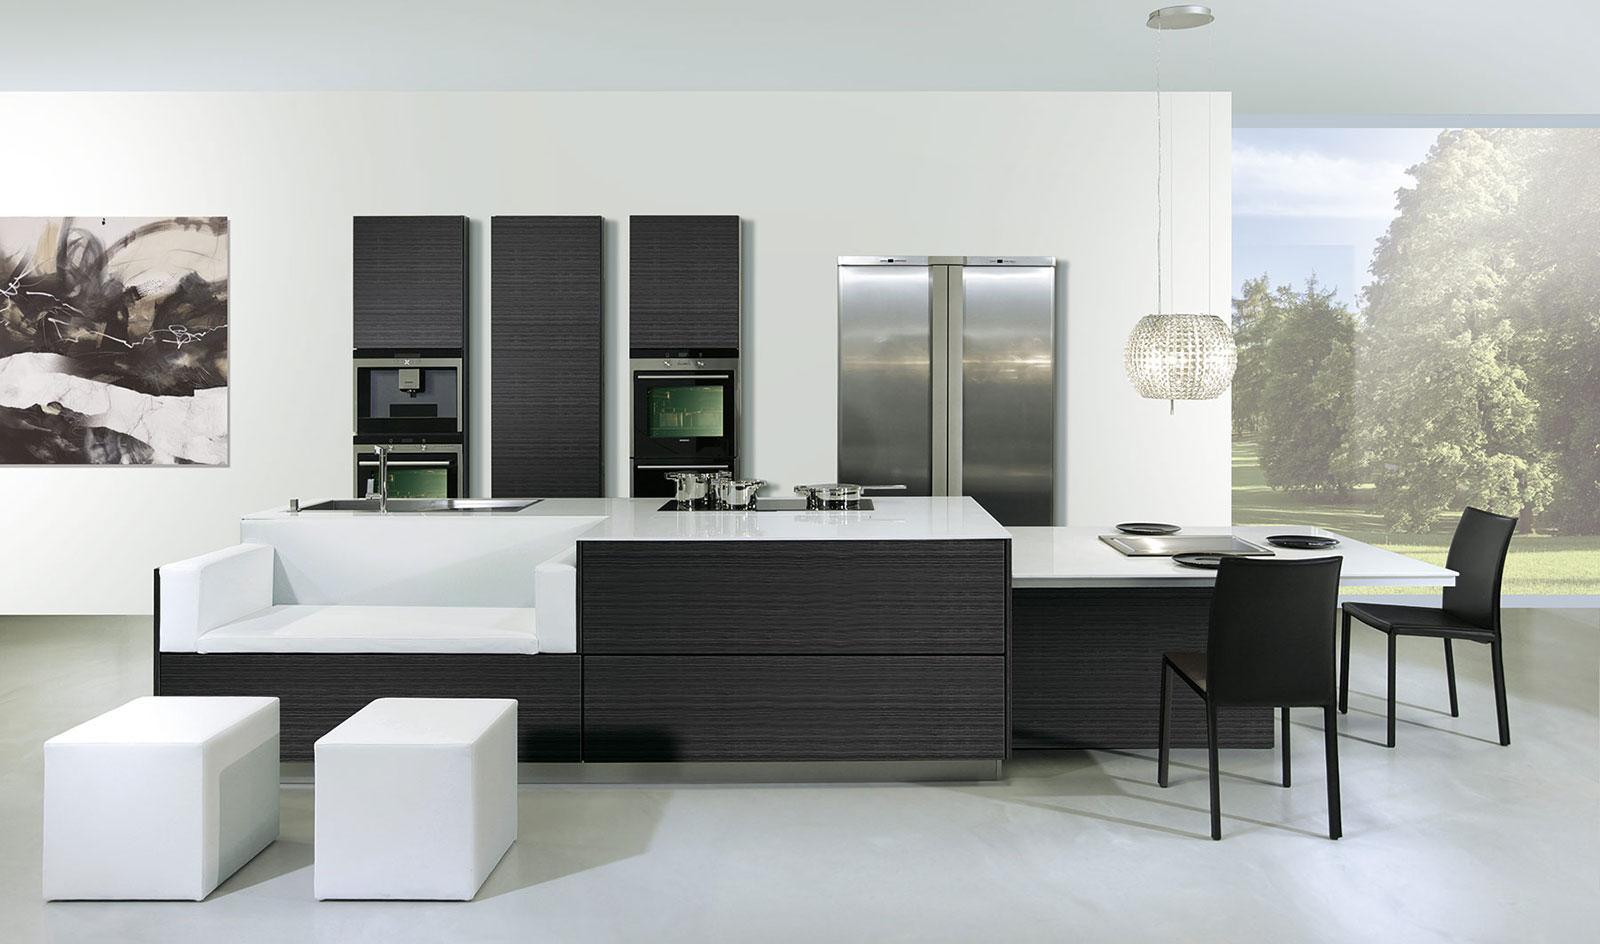 Cmo distribuir el espacio en la cocina  Cocinas con estilo